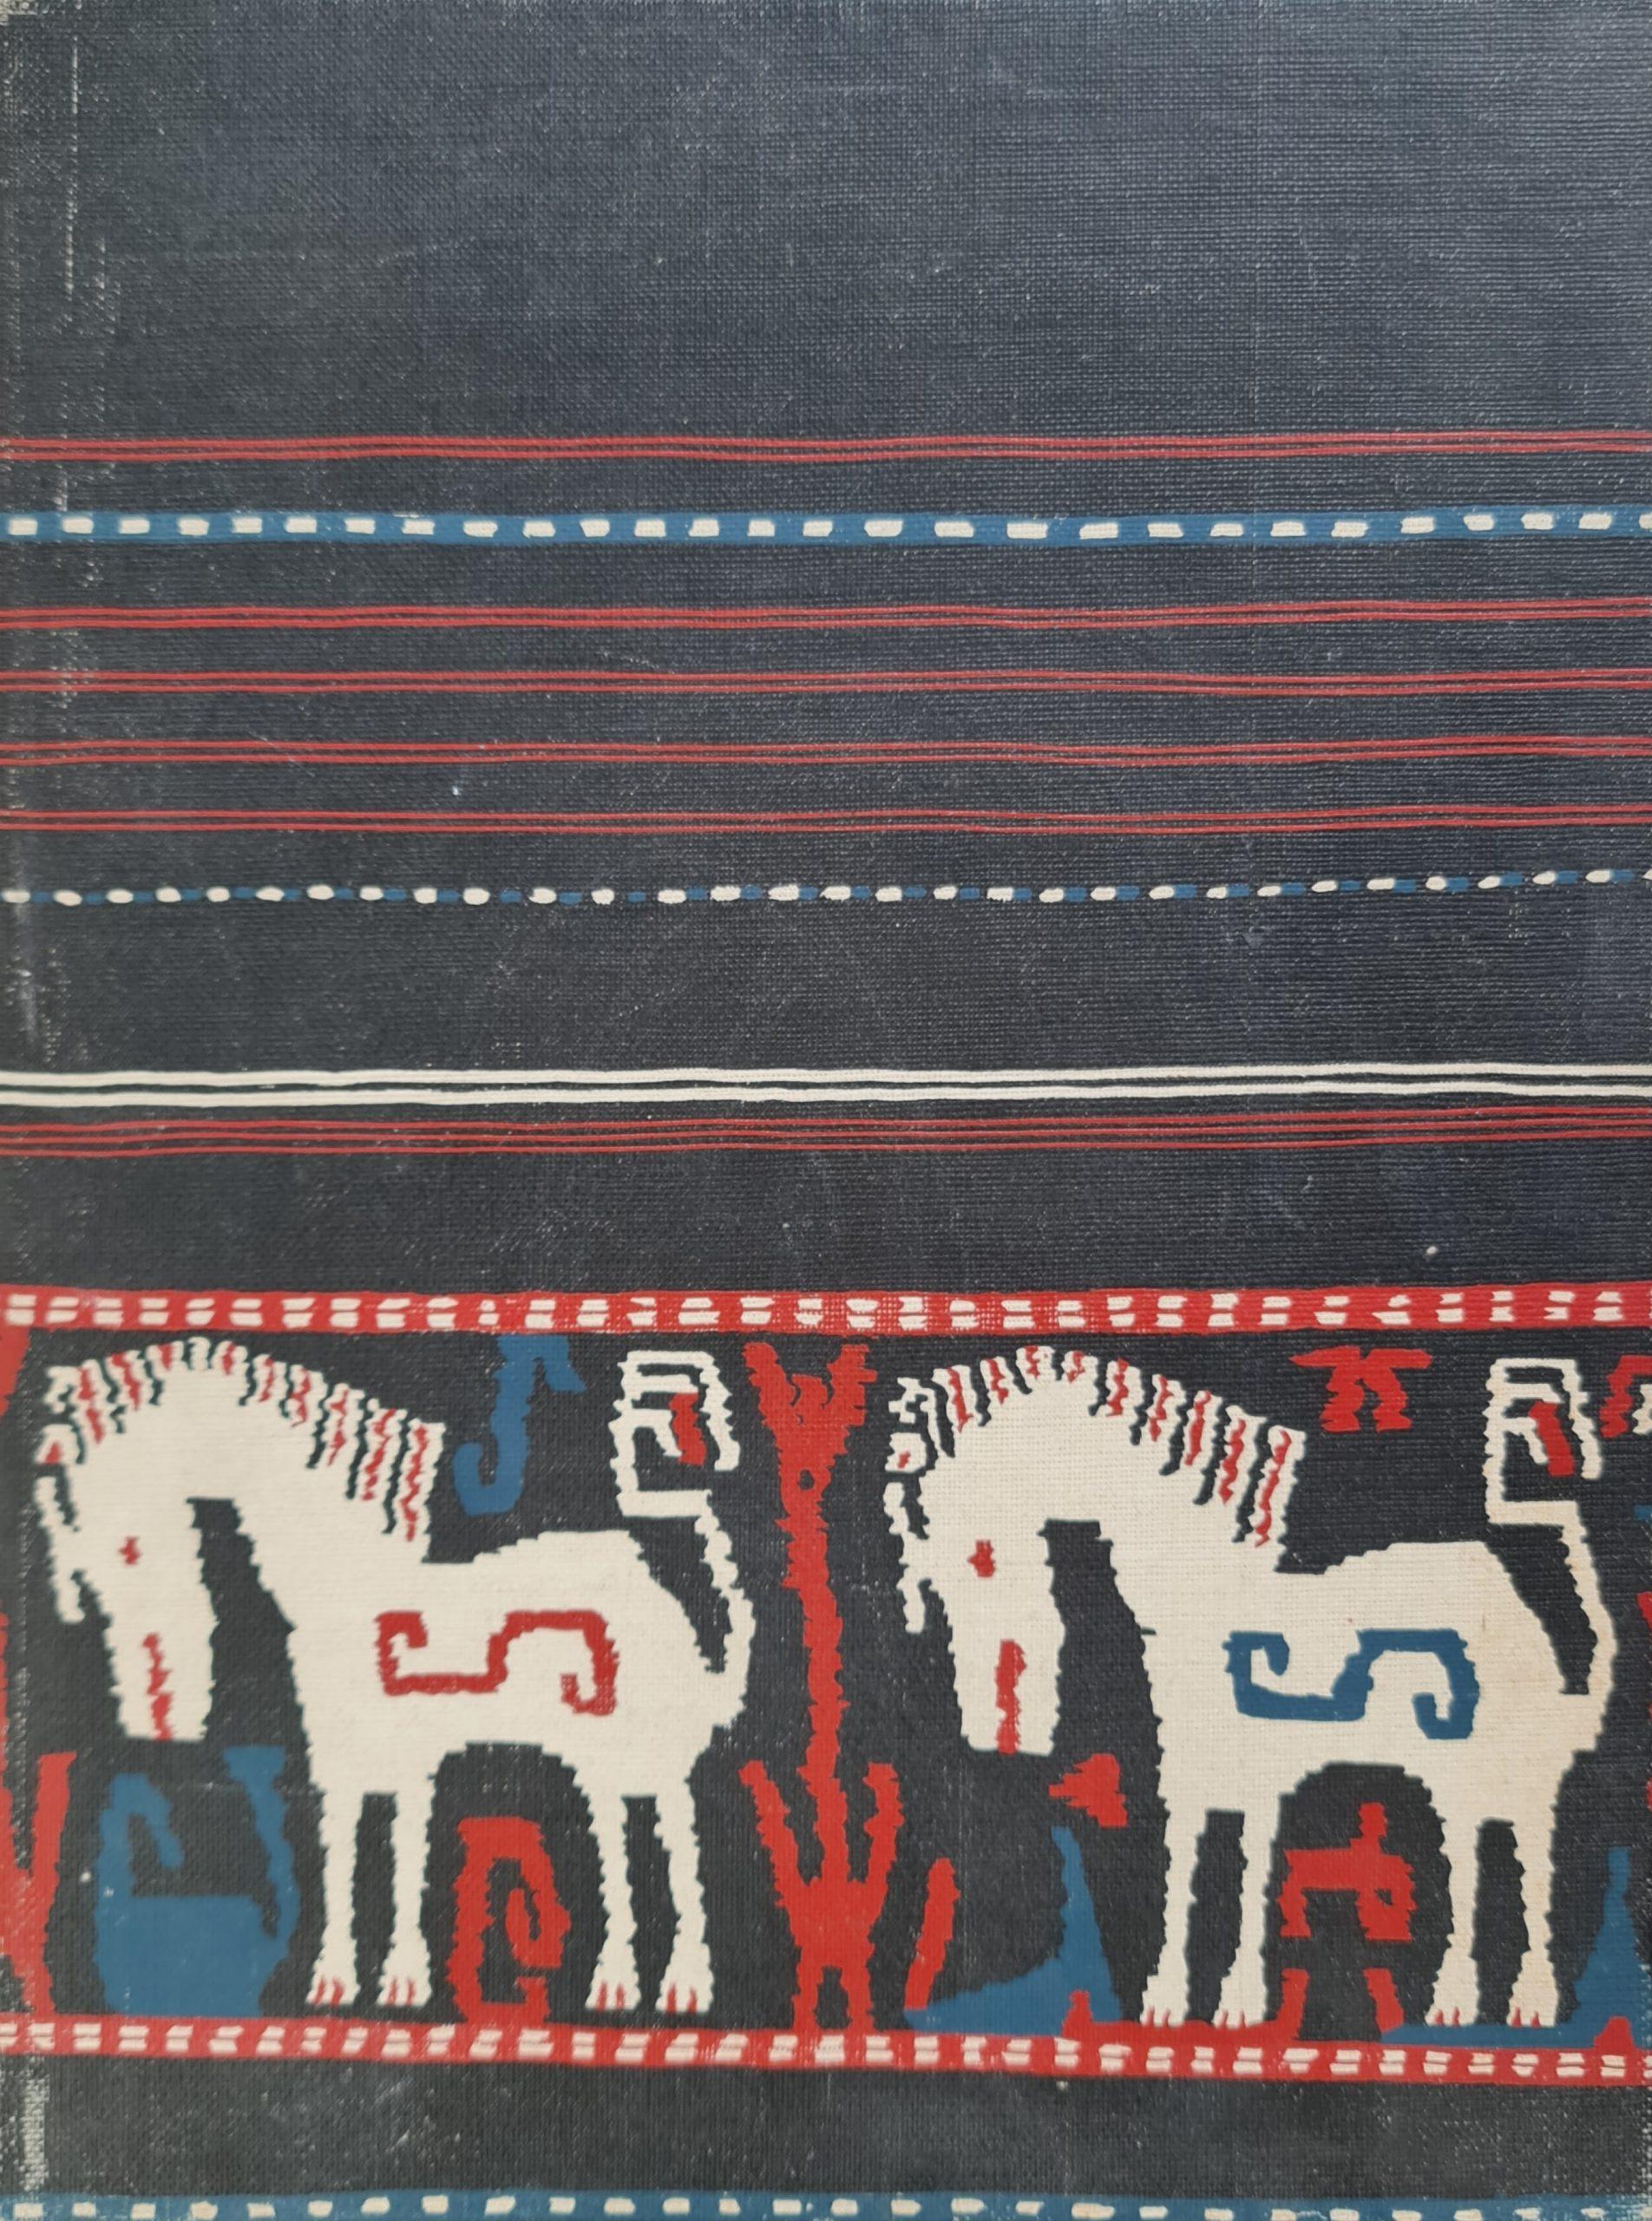 Decorative art in Indonesian textiles L Langewis F A Wagner 64 pagina's 14 kleuren afbeeldingen 216 zwartwit afbeeldingen Jaar 1964 Afmeting 25 x 33 cm Engelsboek indoneisch textiel boek indonesische stoffen skoander.com